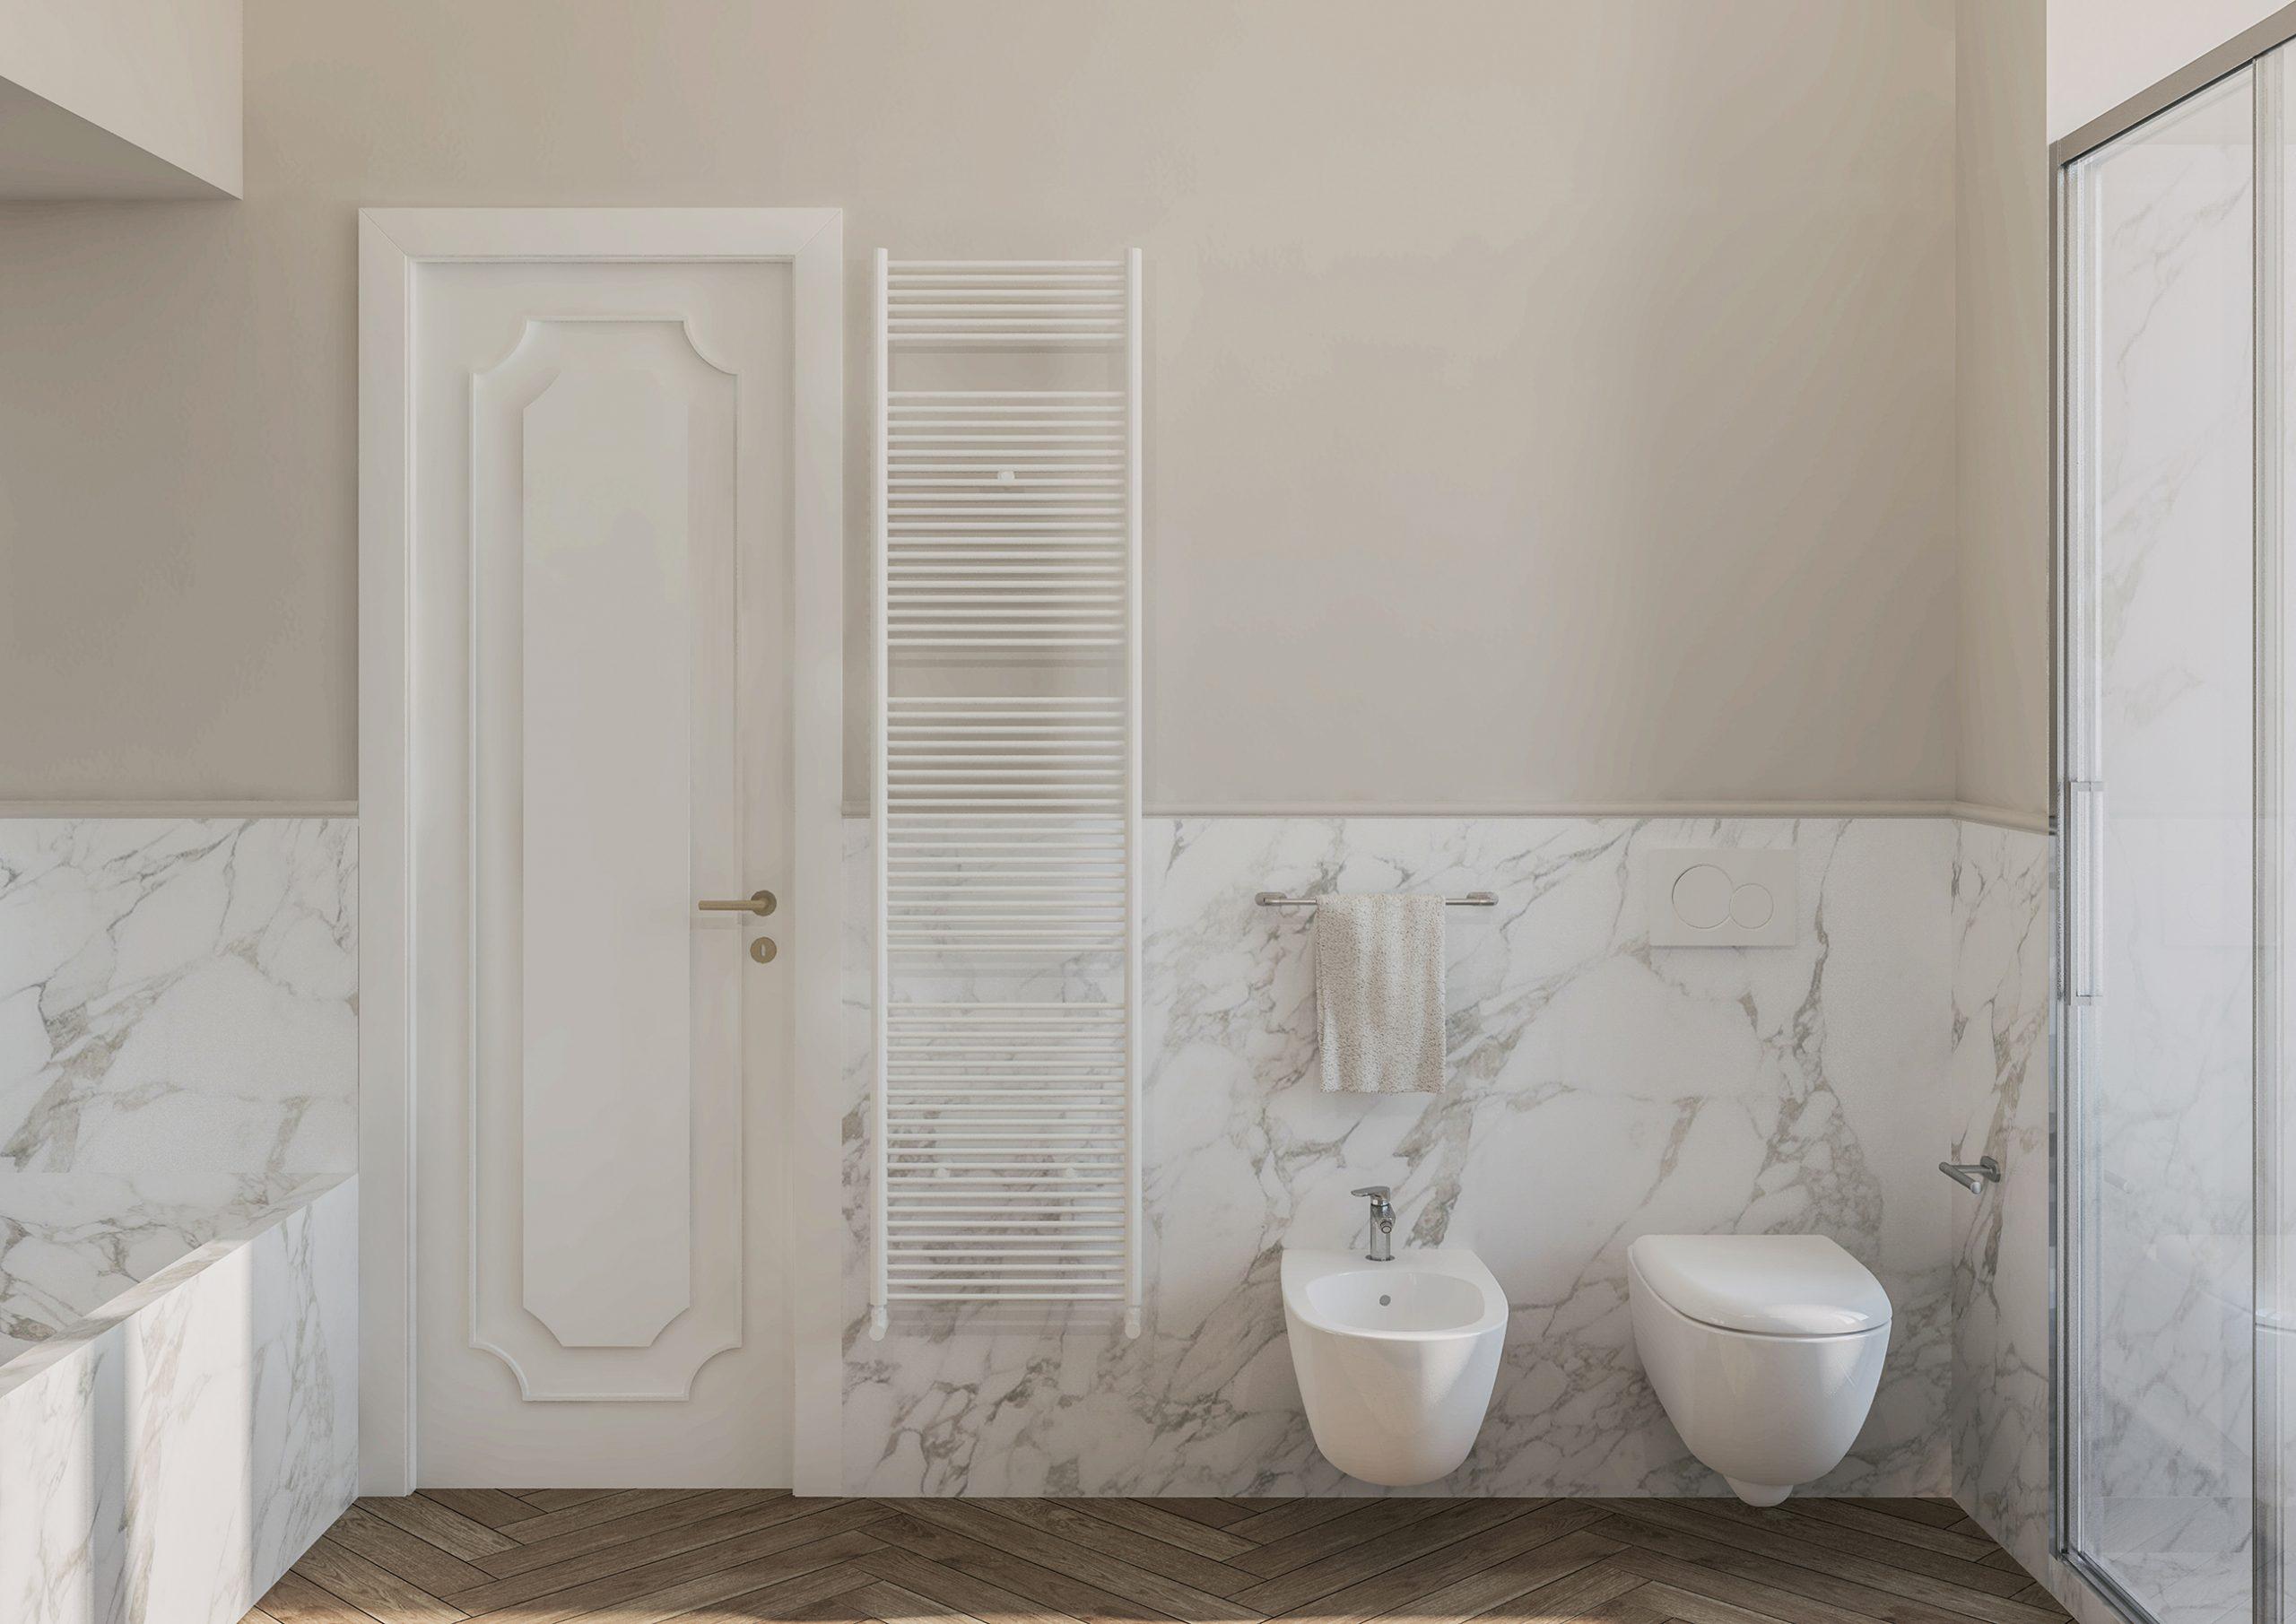 Appartamento in Milano, Ticinese - bagno - render 2